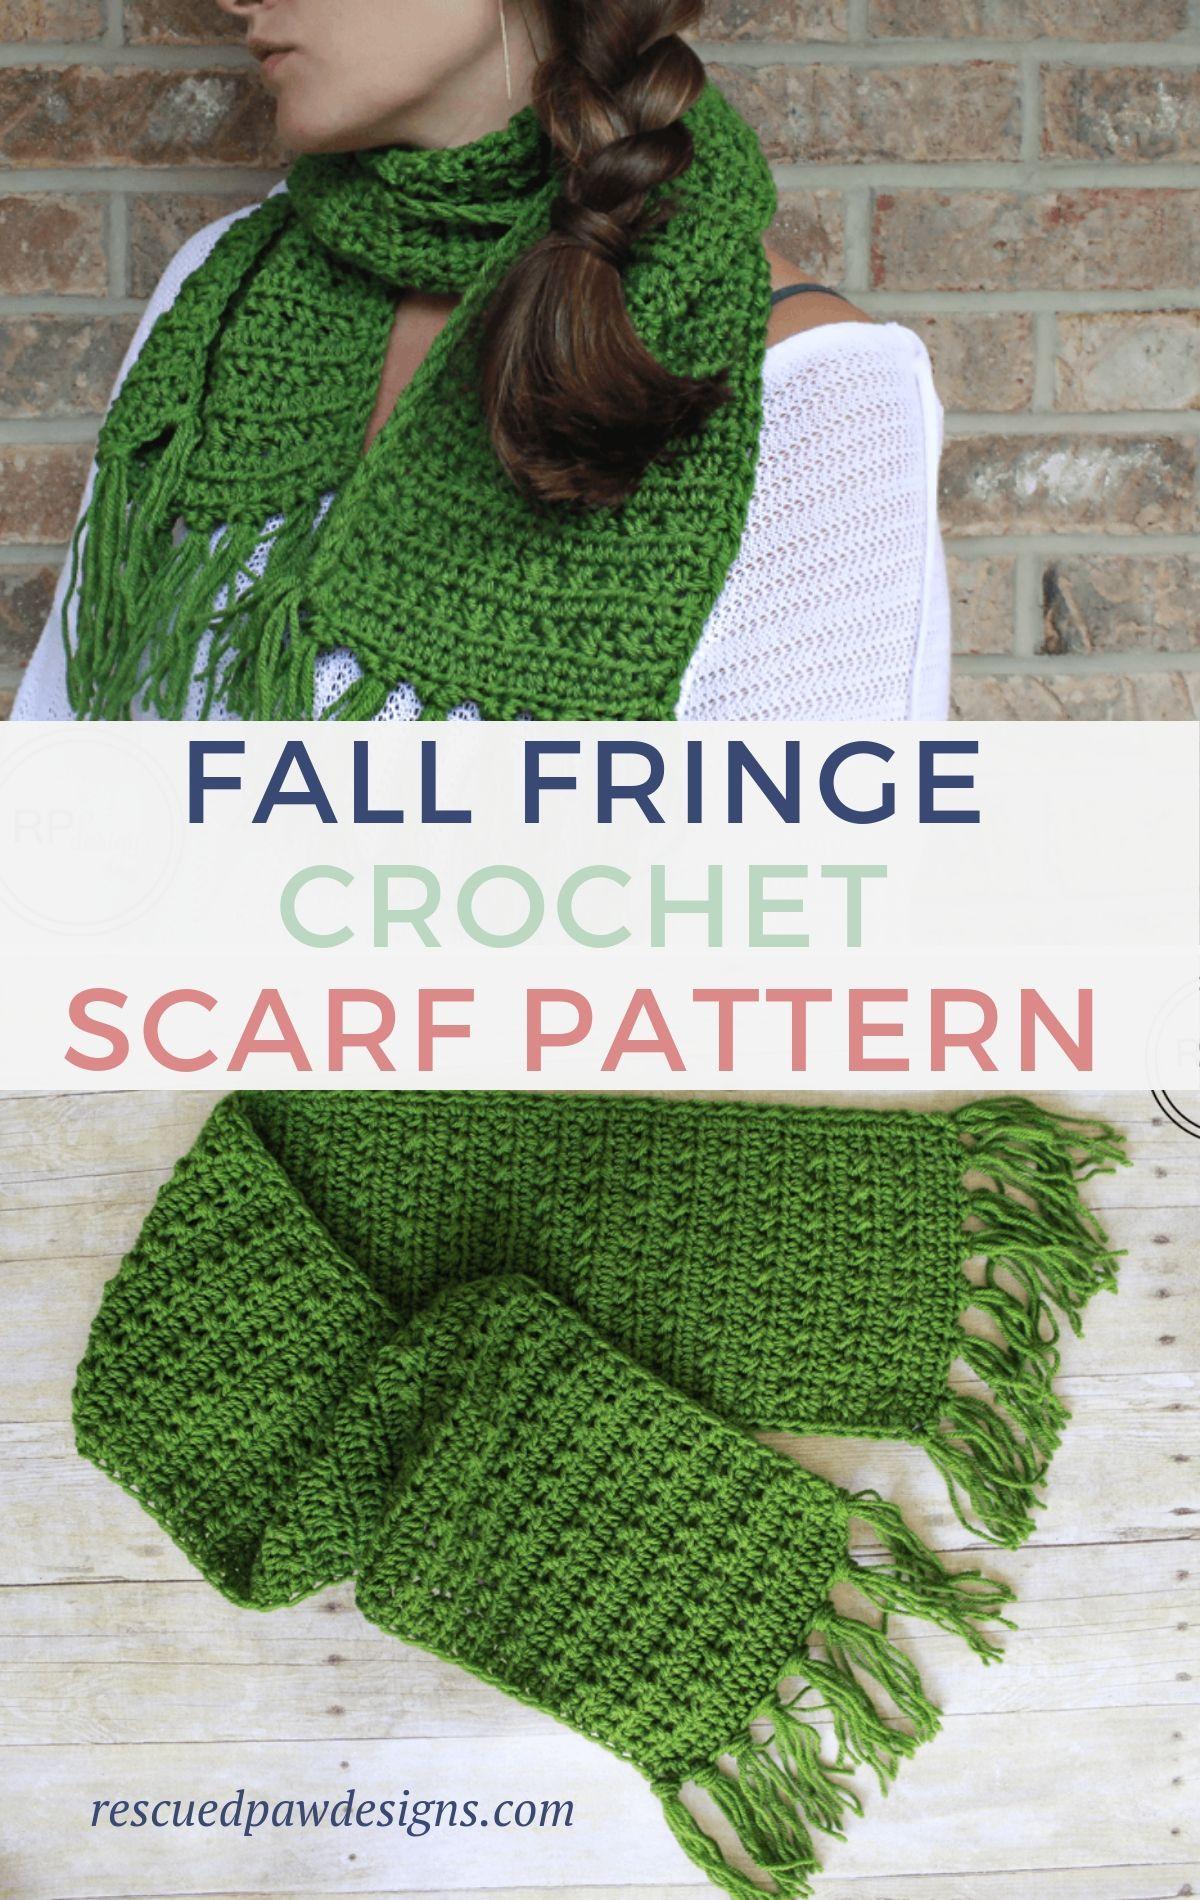 Fringe Scarf Crochet Pattern for Fall - EasyCroche